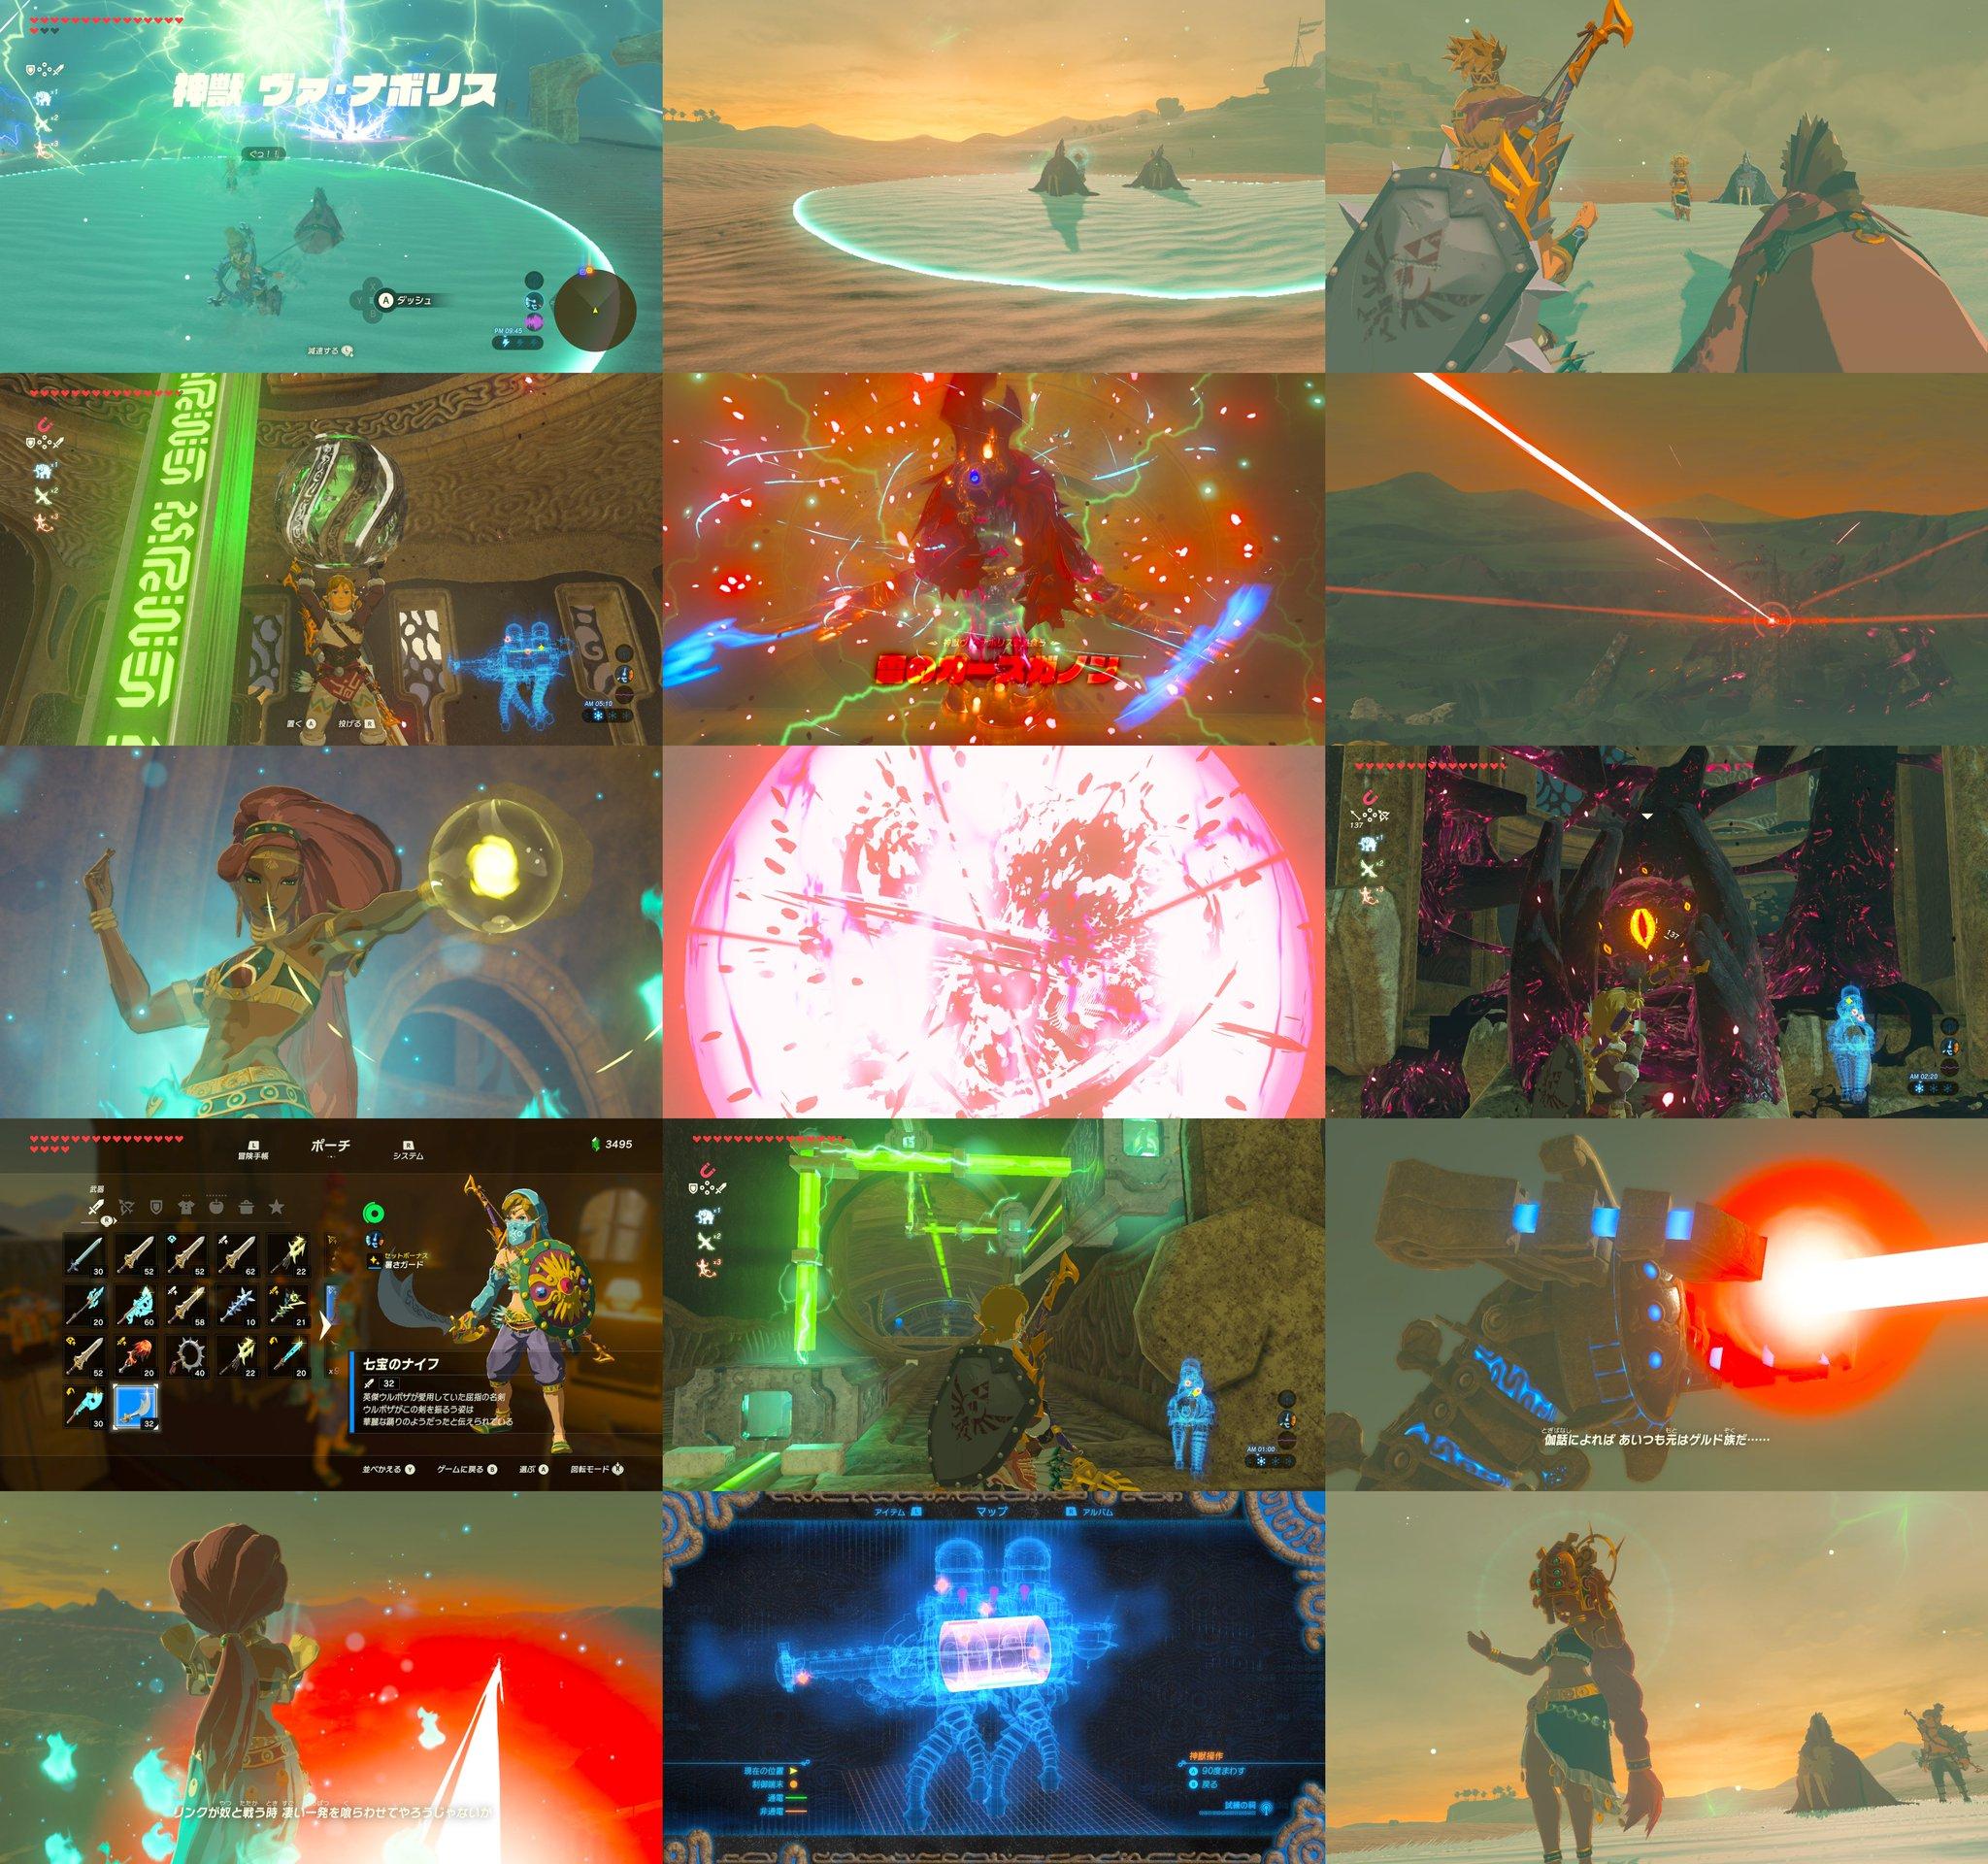 雷の神獣 ヴァ・ナボリスと雷のカースガノンを撃破。これでやっと4体の神獣をクリアだ(∩´∀`)∩ #ゼルダの伝説 #BreathoftheWild #NintendoSwitch https://t.co/dKxPx6vAzY